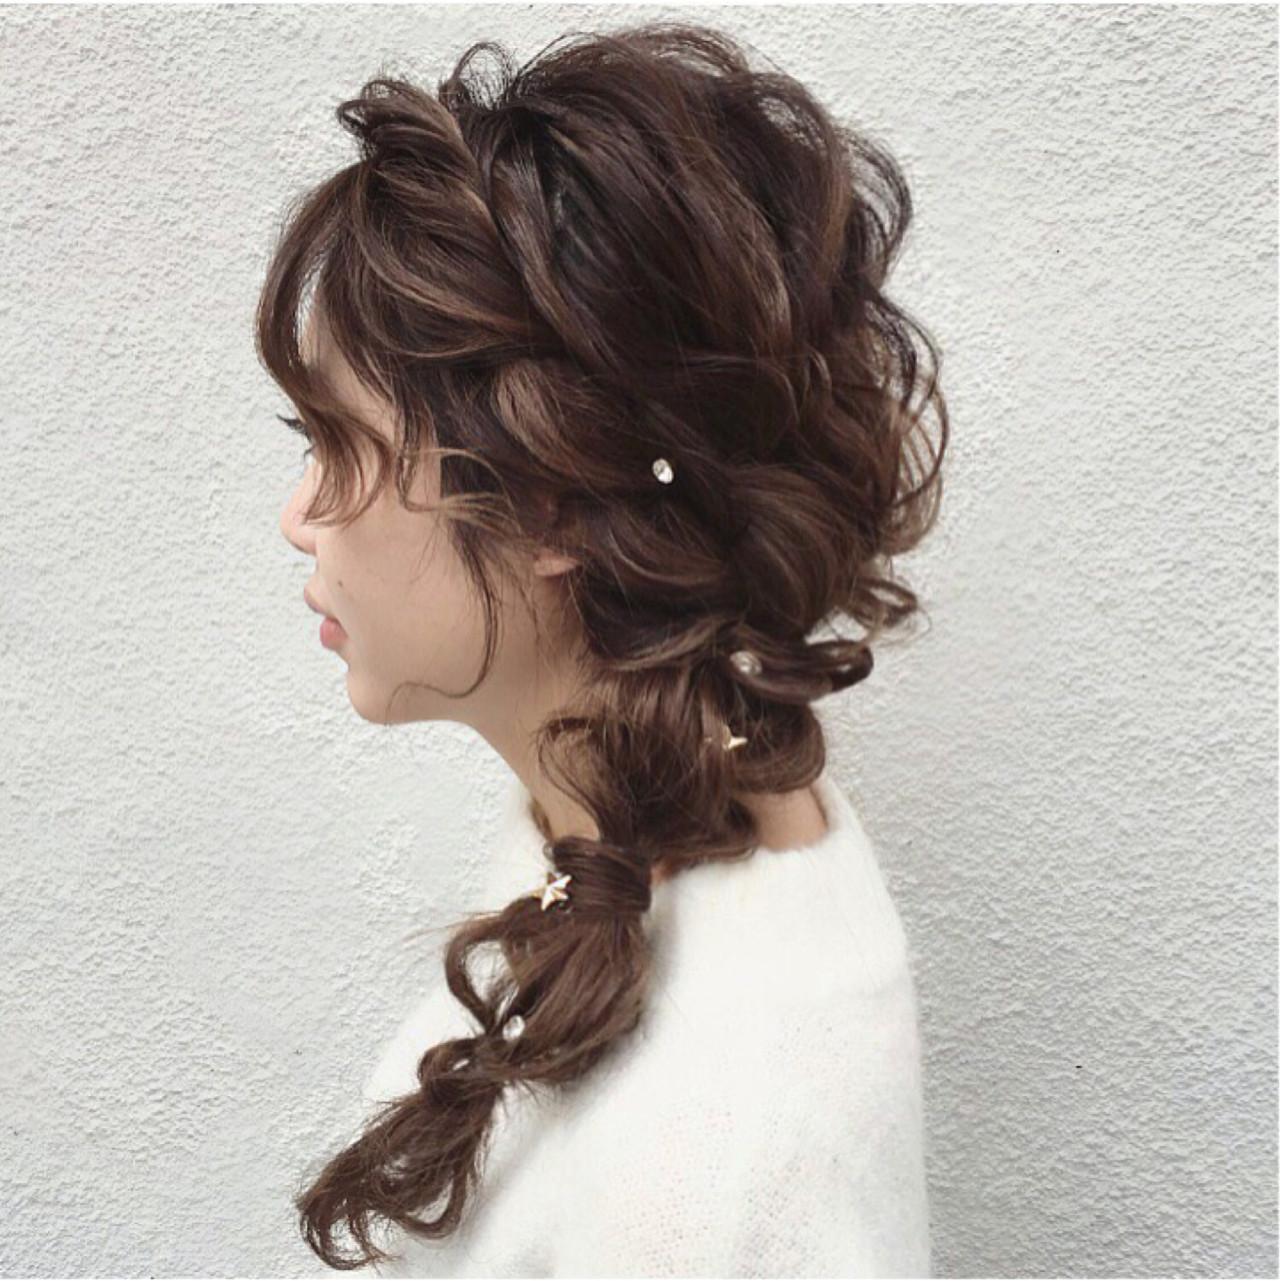 お姫様気分になっちゃおう!ディズニーな雰囲気漂う華やかヘアアレンジ10選♡ tomoya tamada